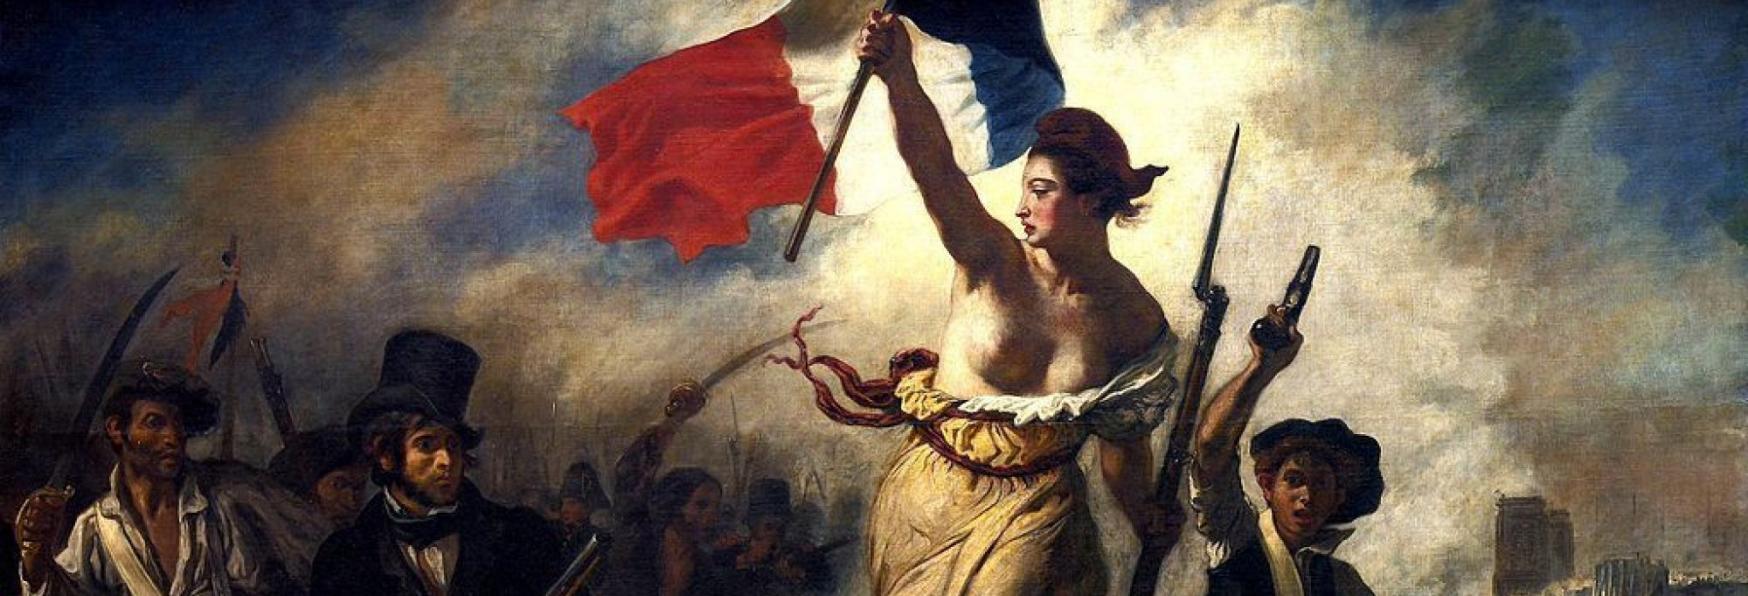 Netflix annuncia una nuova Serie TV sulla Rivoluzione Francese